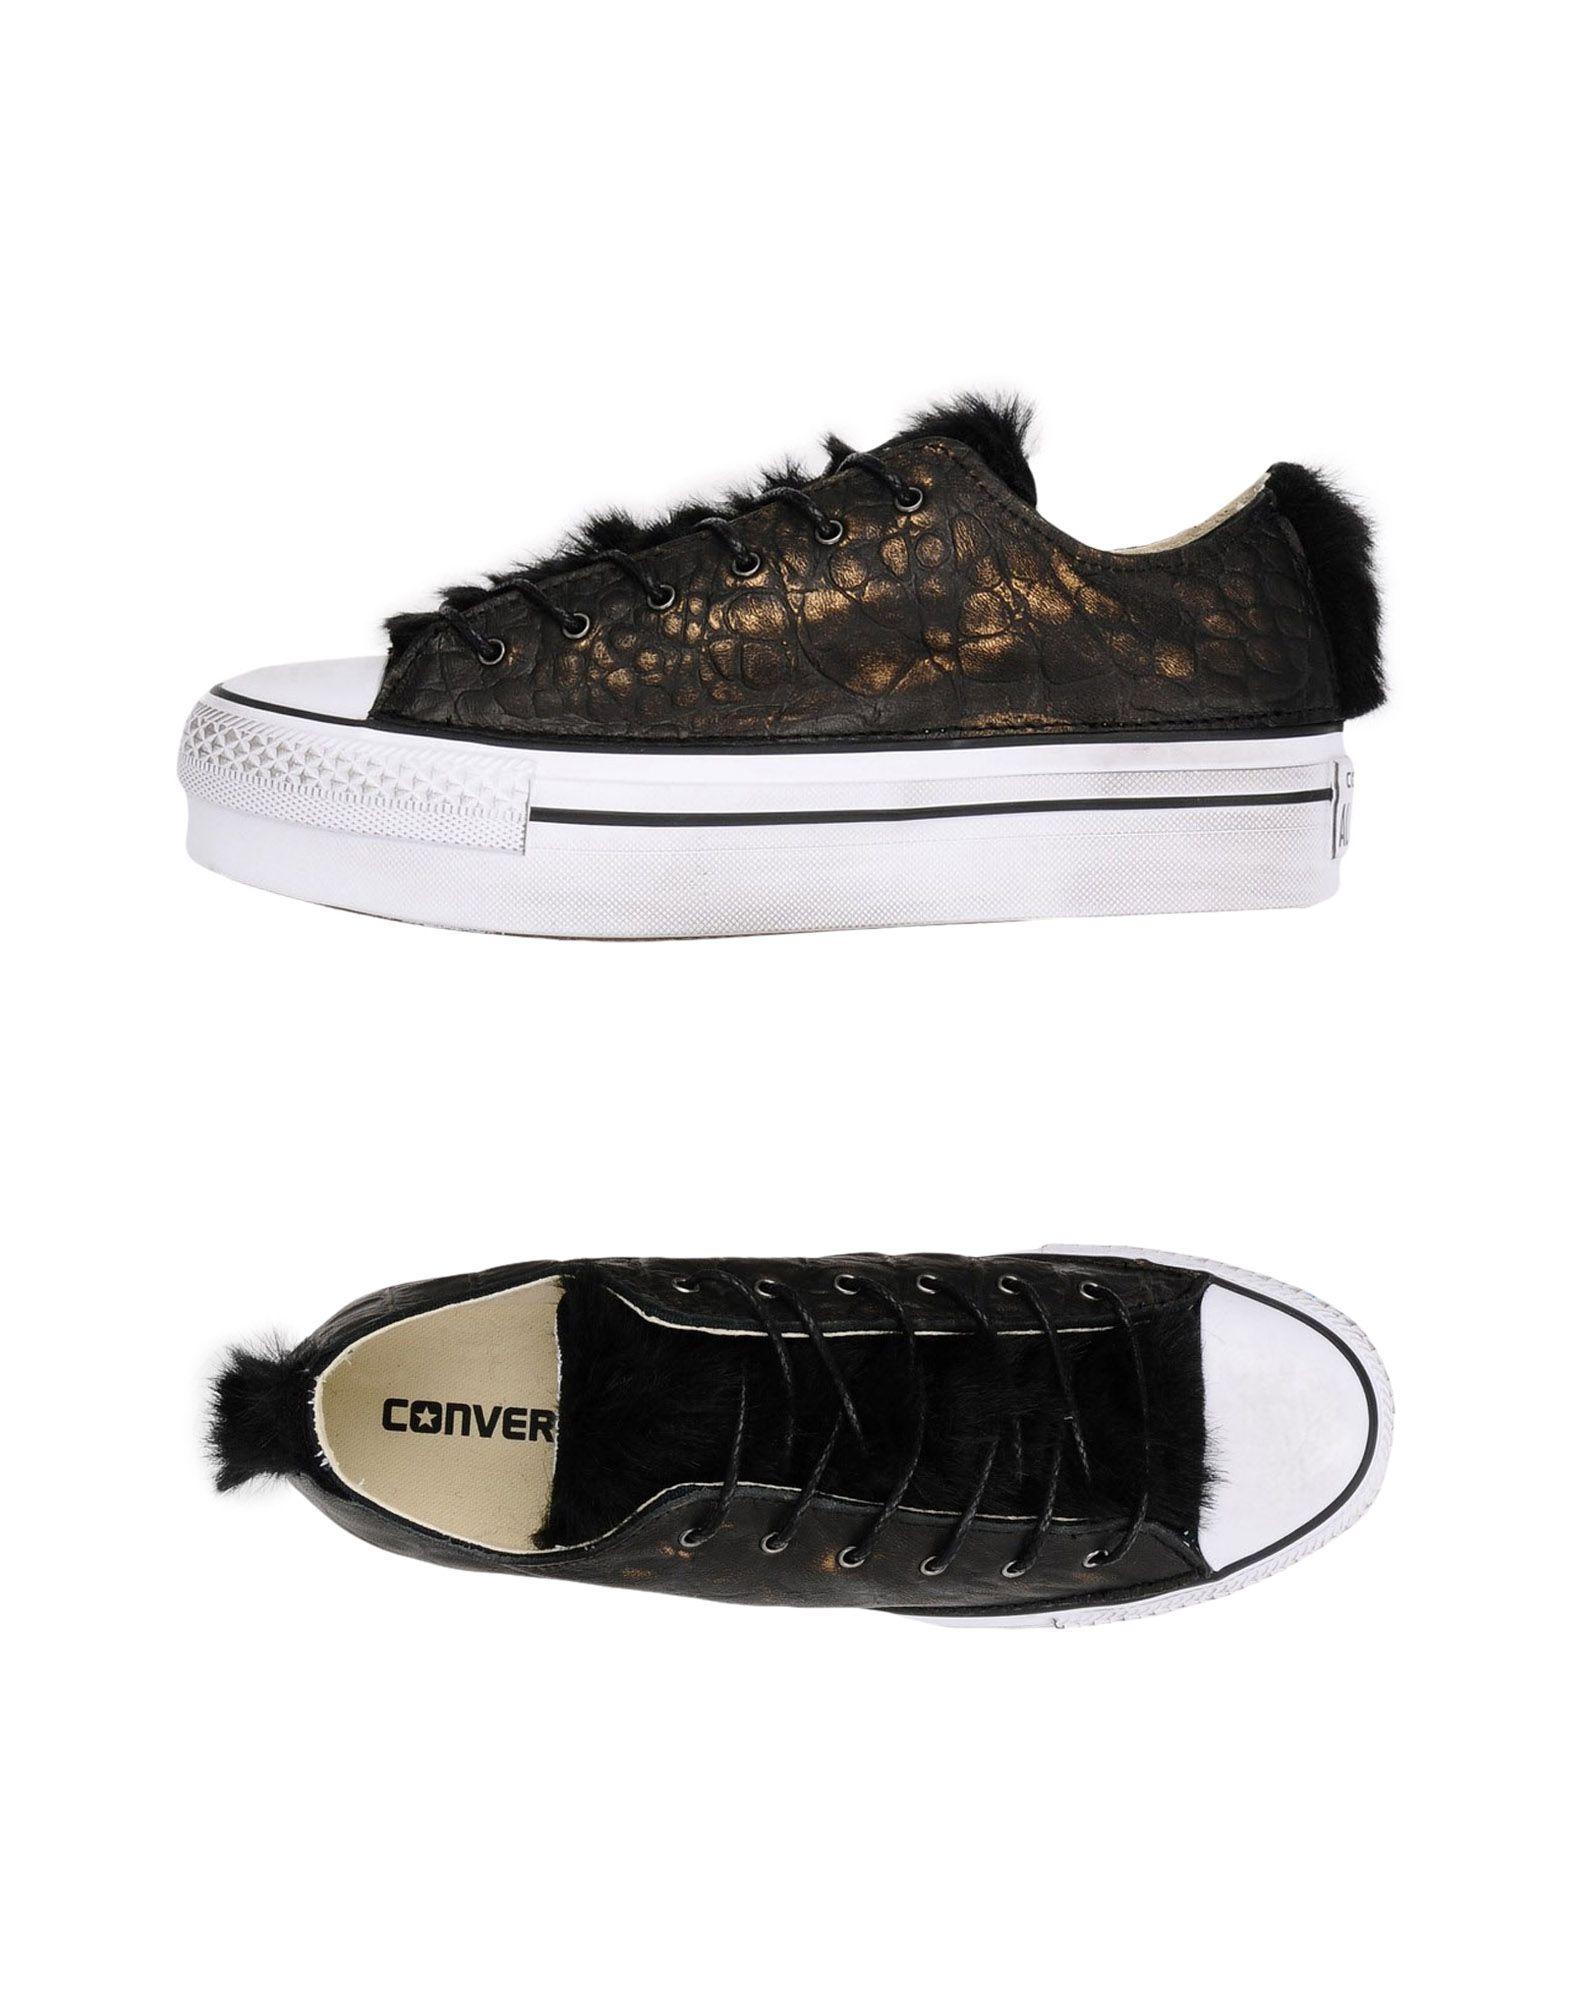 Baskets Converse Limited Edition As Ox Platform Canvas/Leather - Femme - Baskets Converse Limited Edition Noir Dédouanement saisonnier